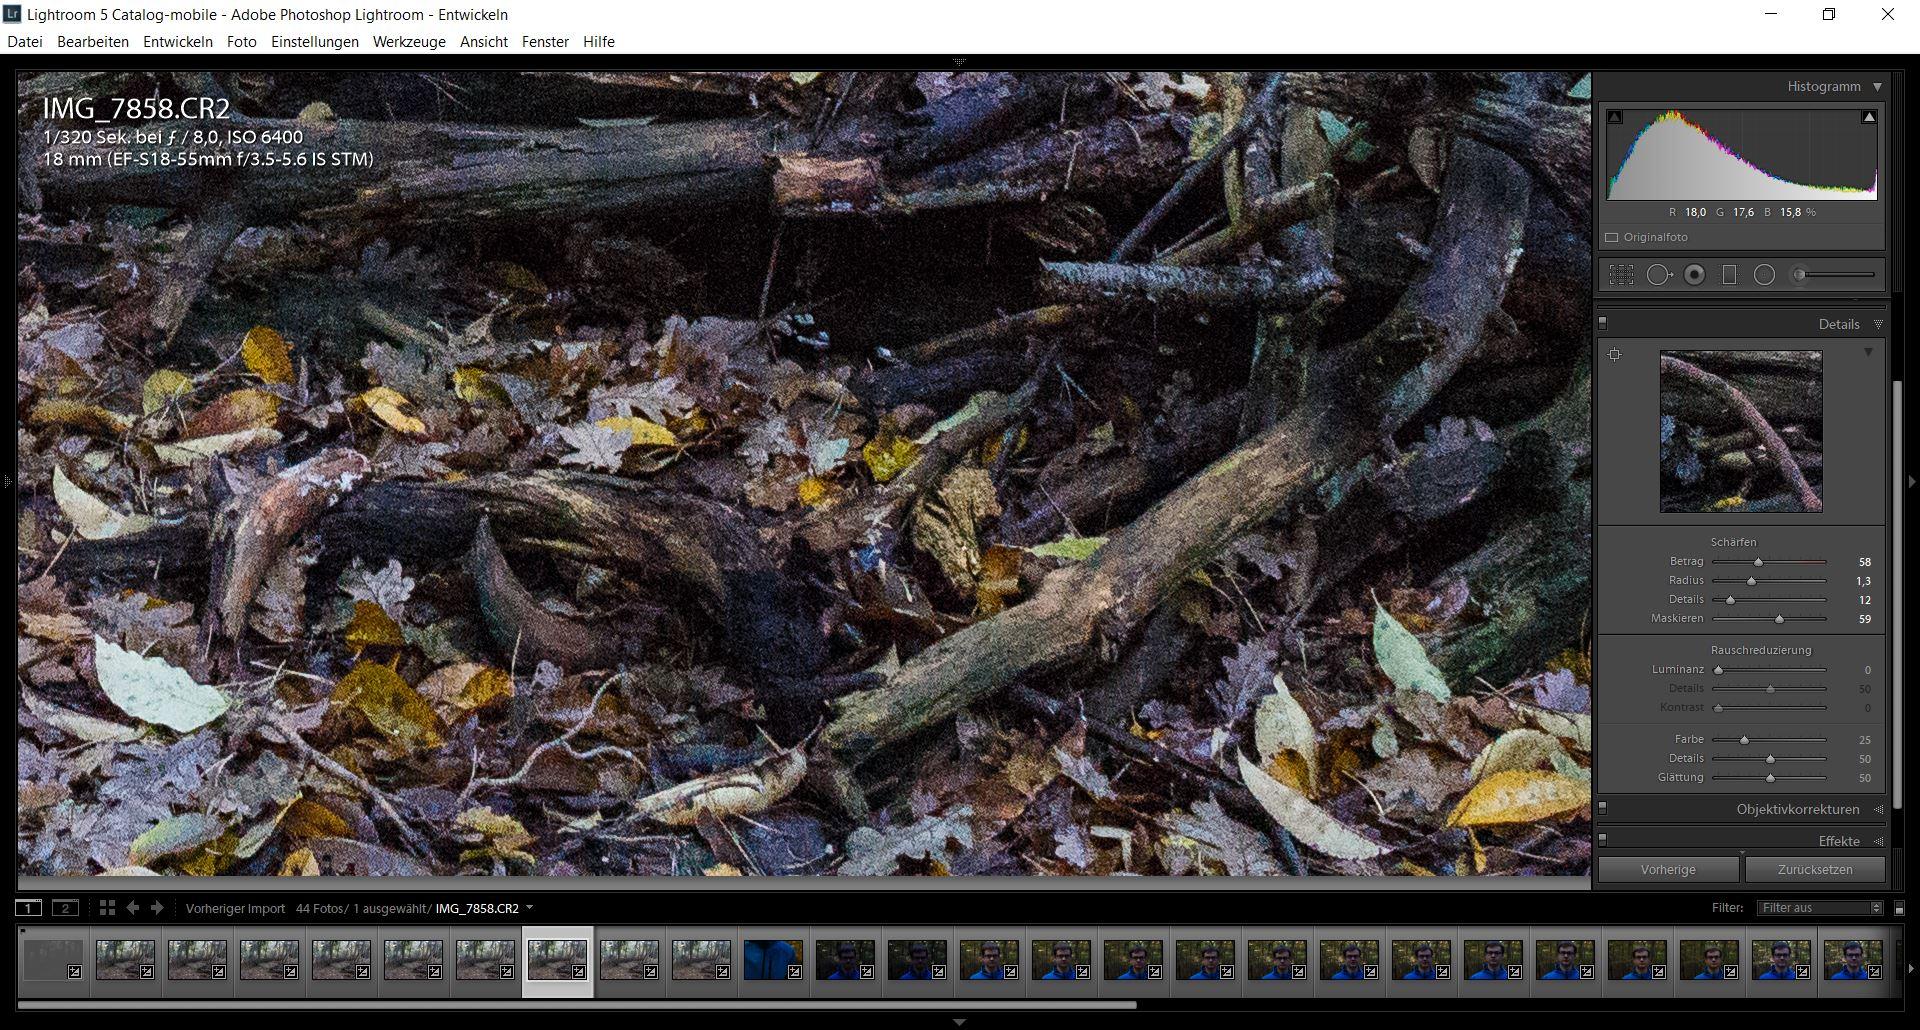 In jedem Bildbearbeitungsprogramm lässt sich das Rauschen entfernen